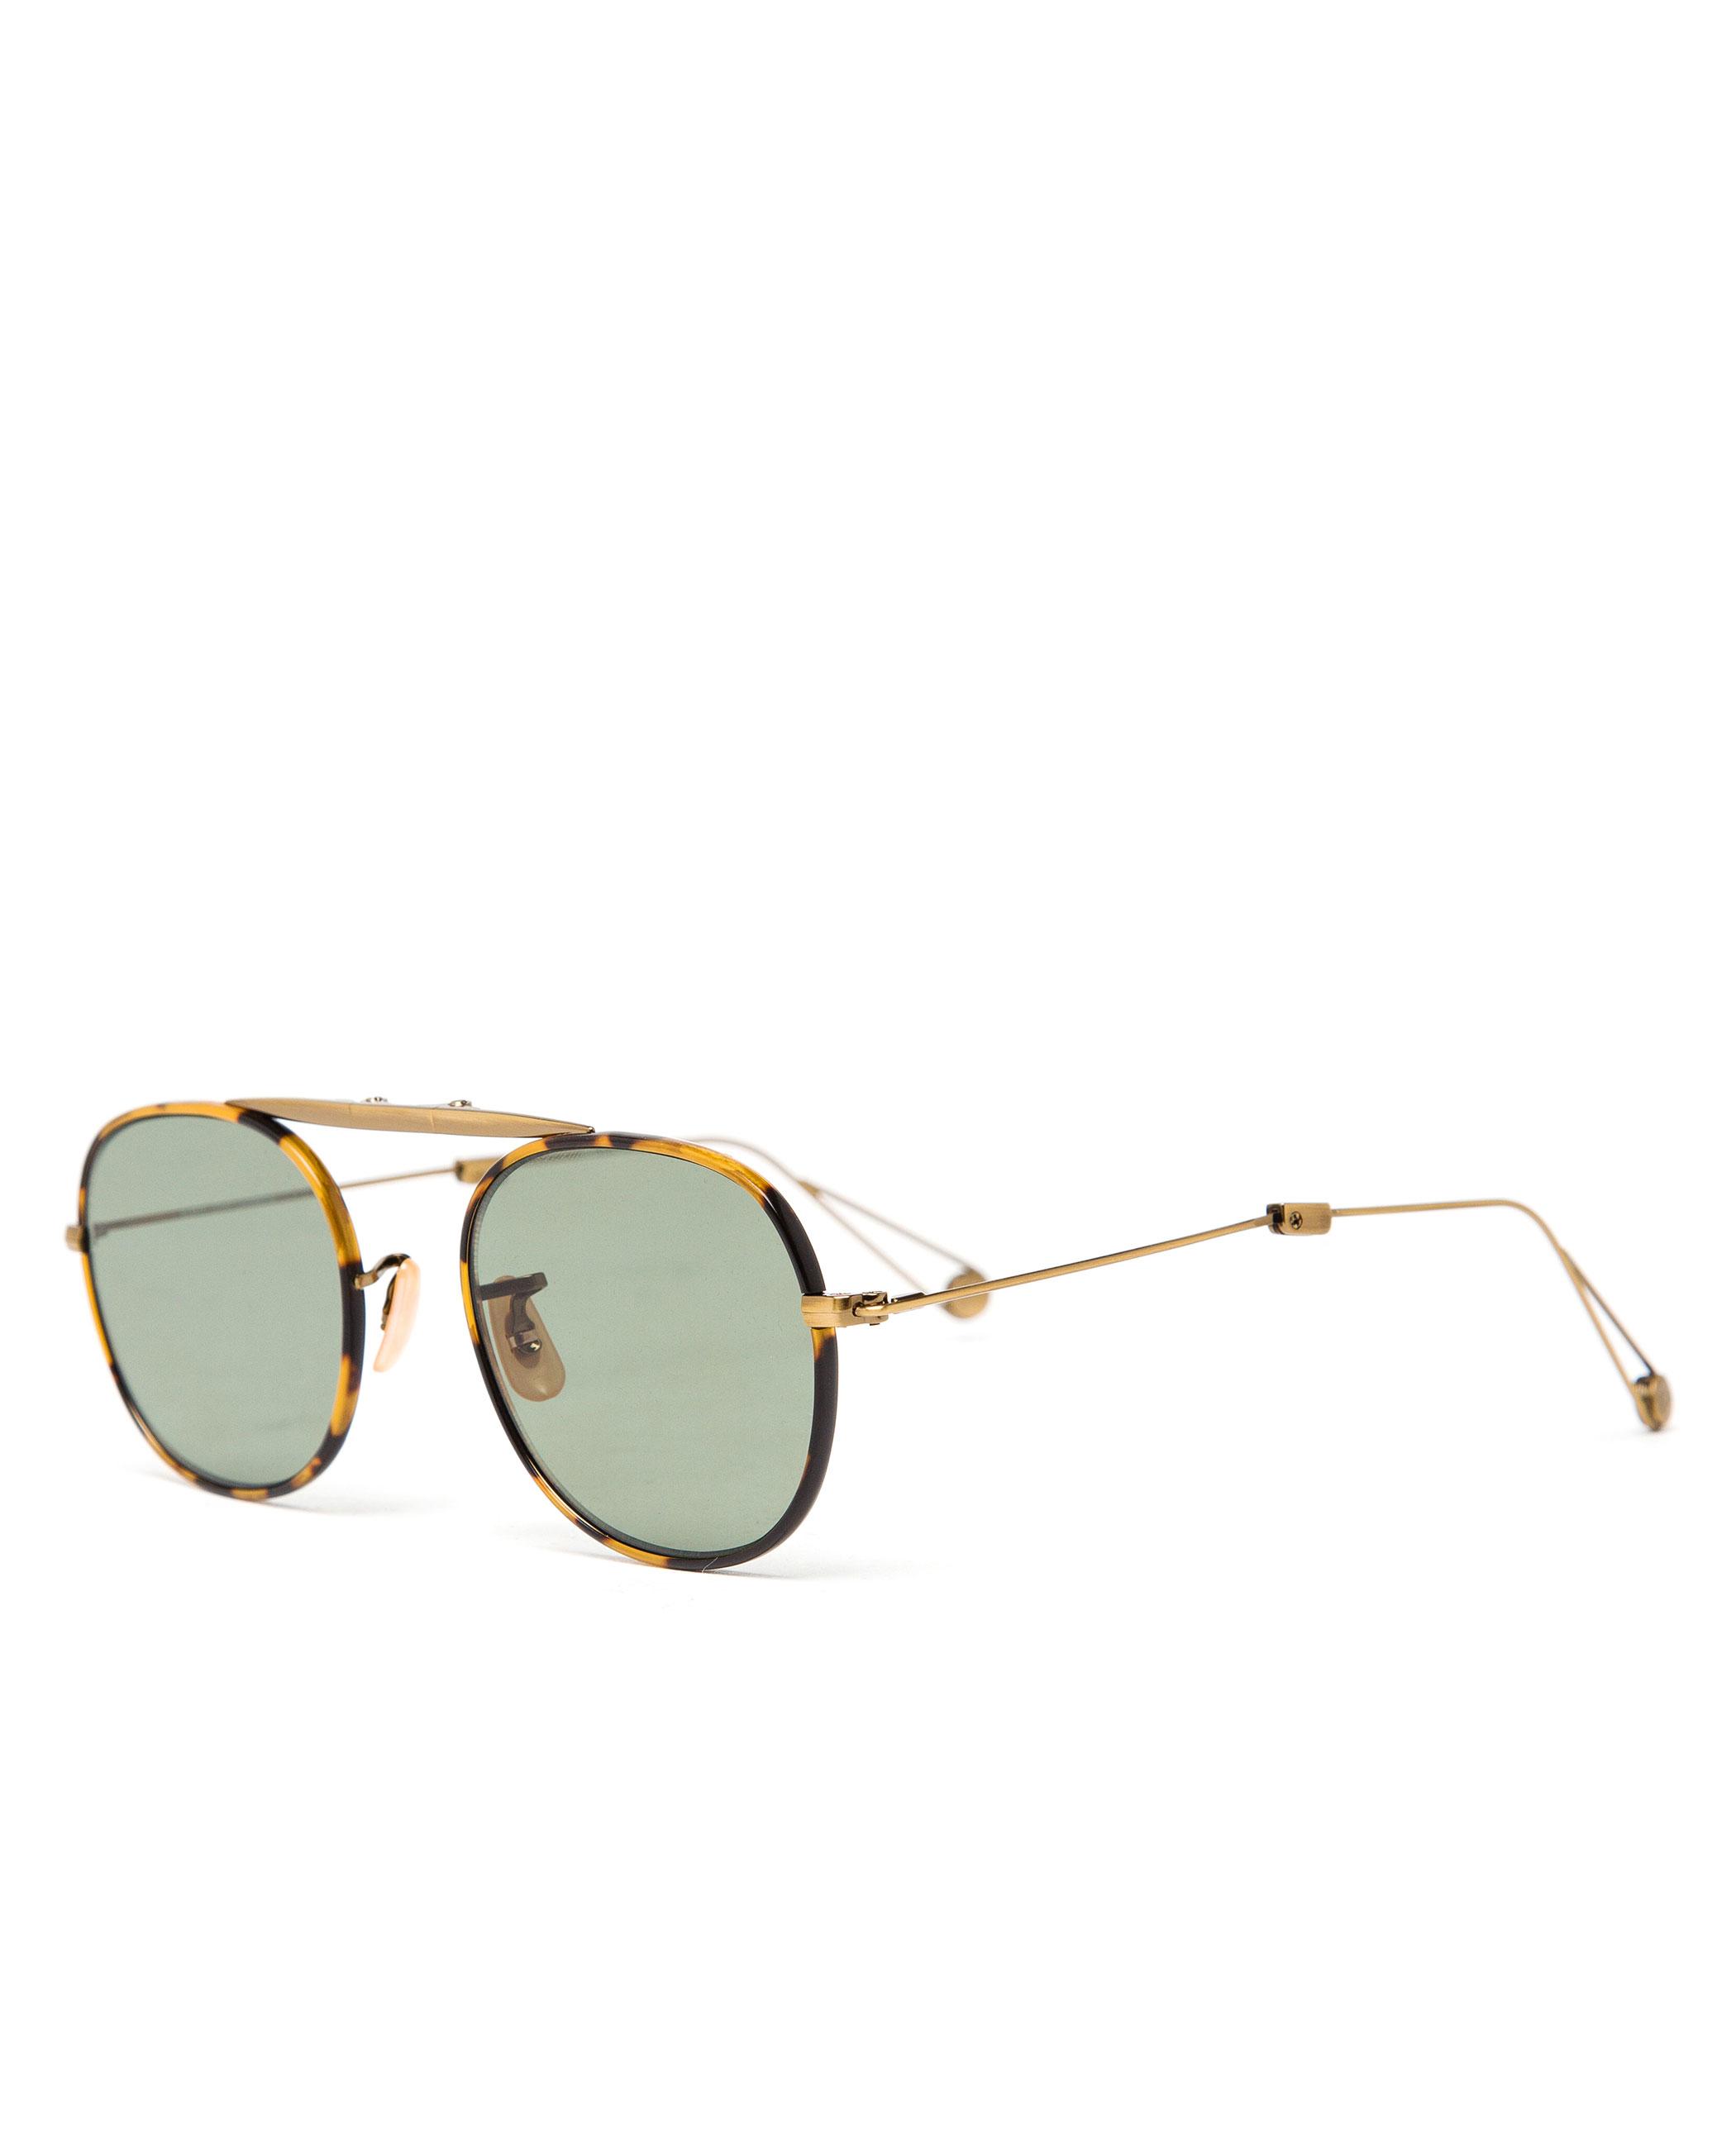 aed165e47b6 Lyst - Garrett Leight Van Buren Foldable Tortoiseshell Sunglasses in ...